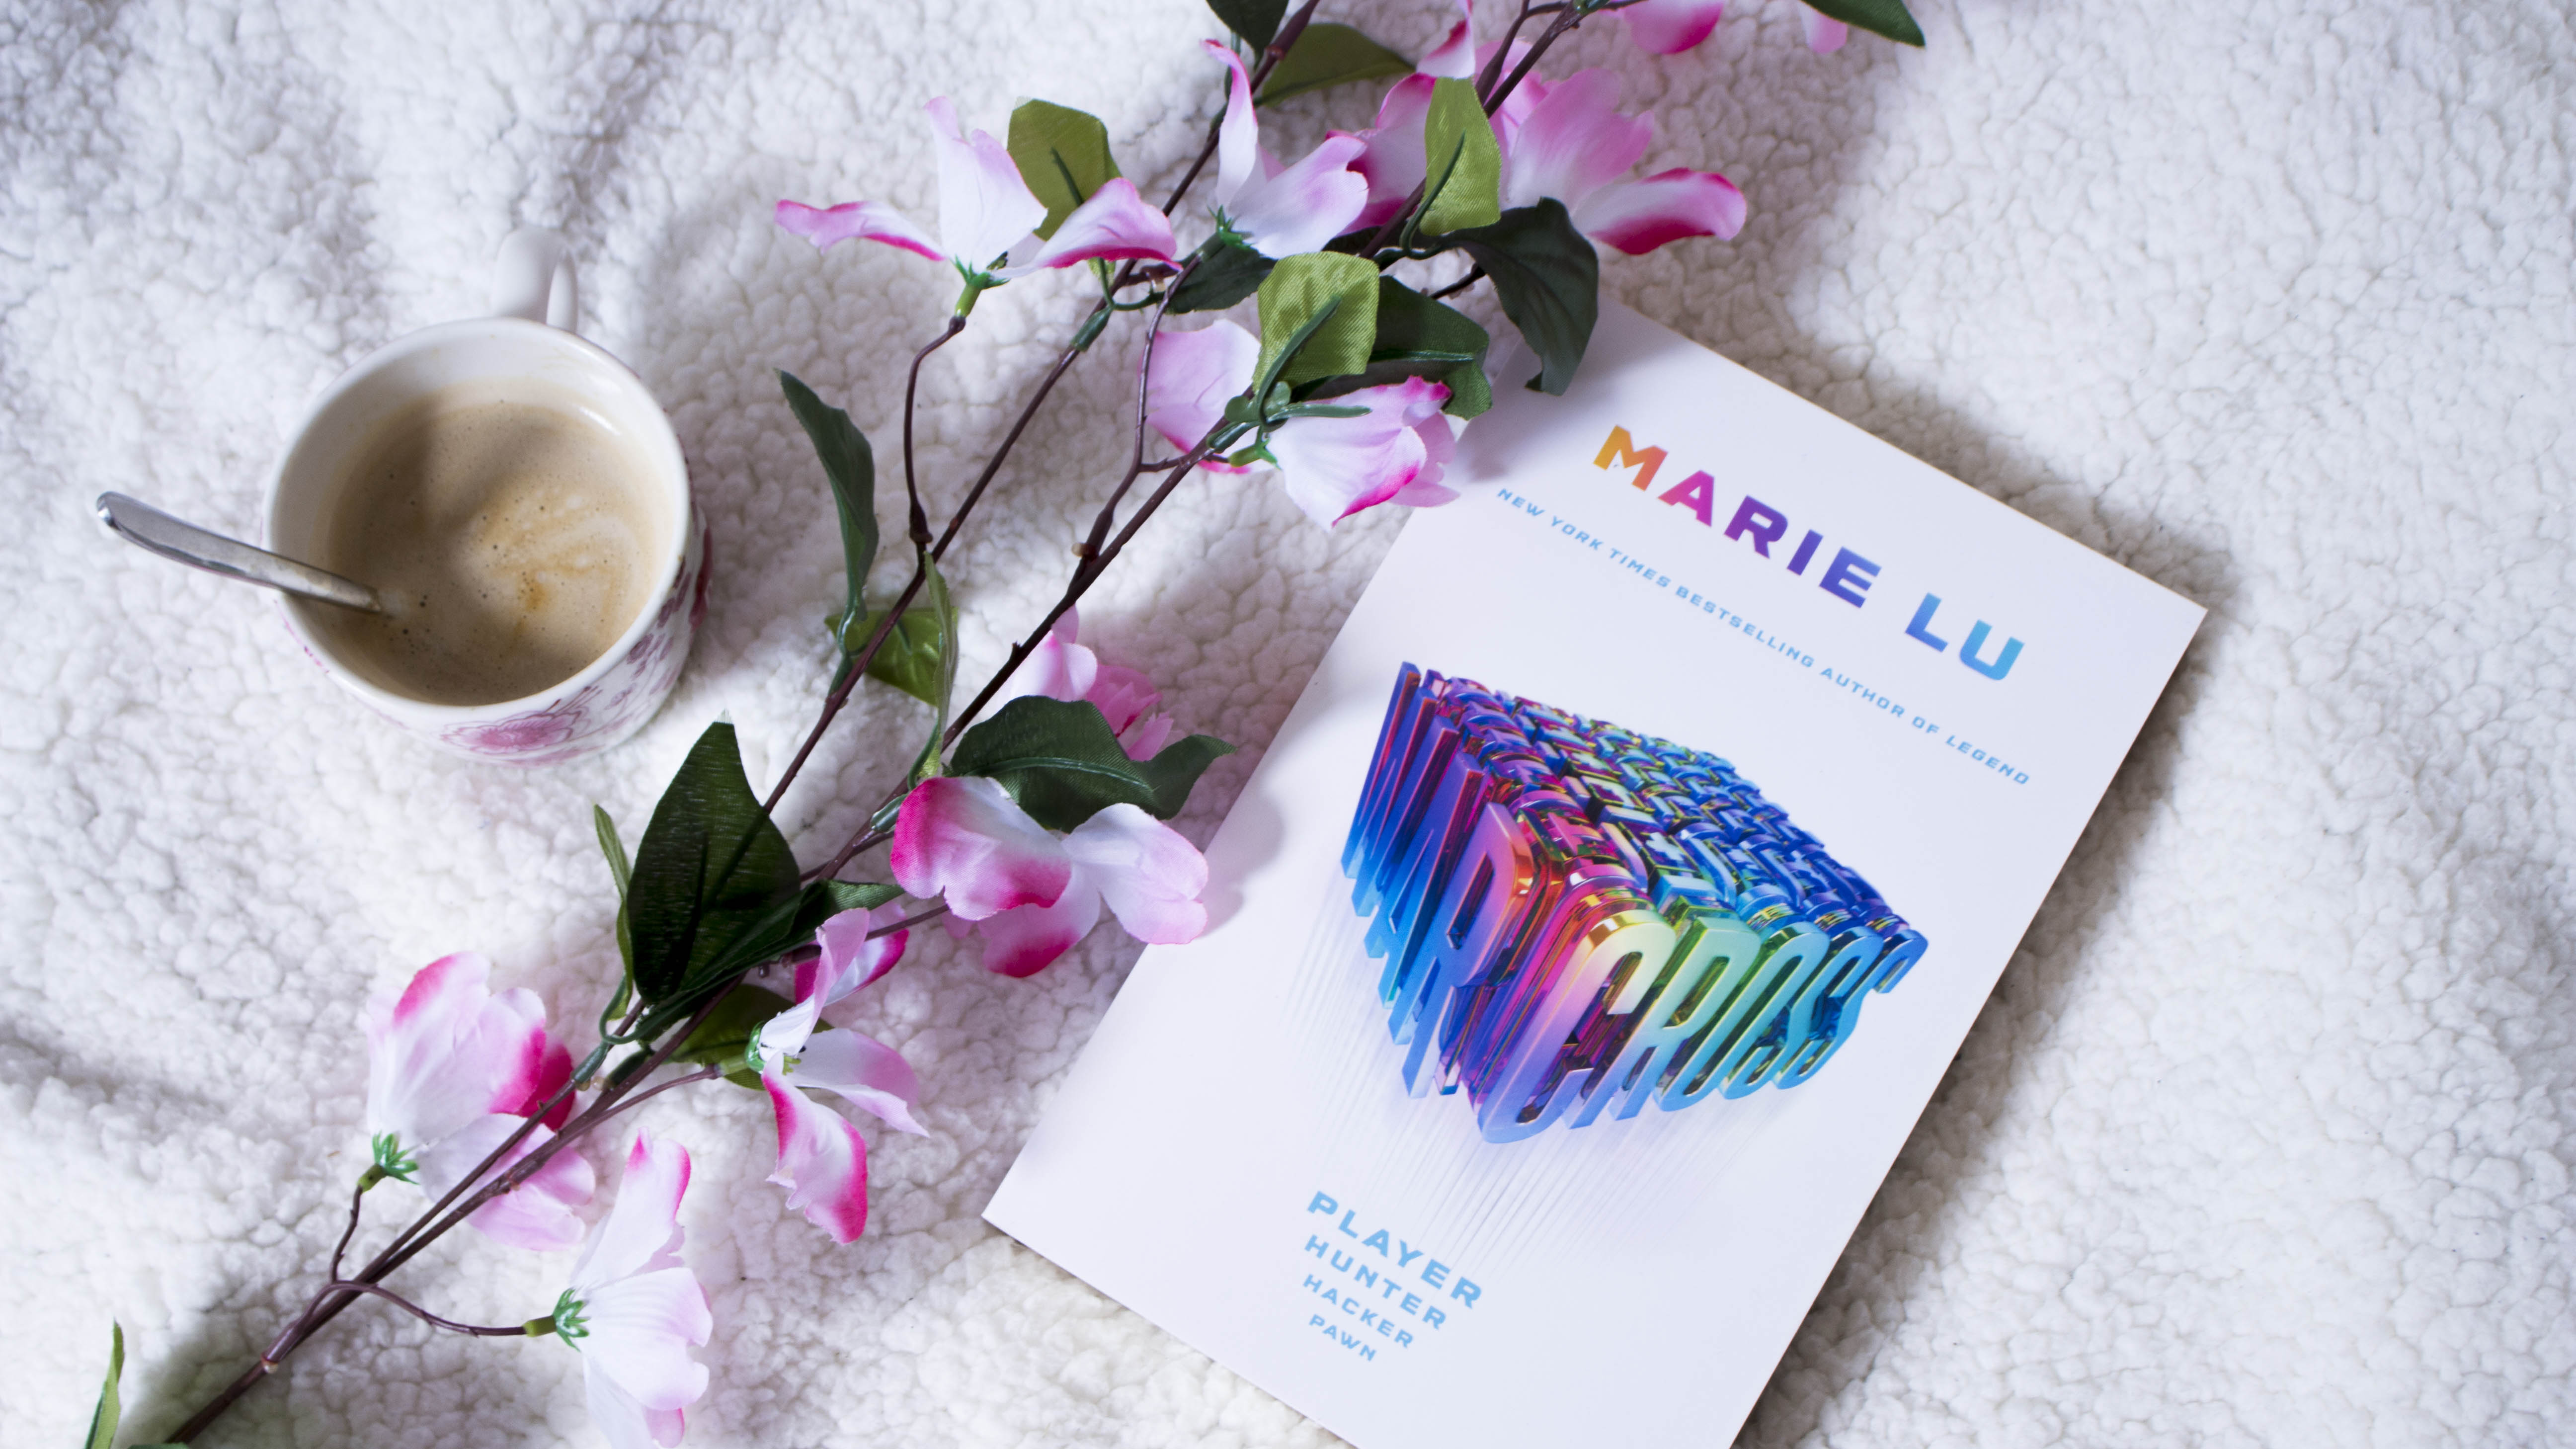 Warcross – Marie Lu